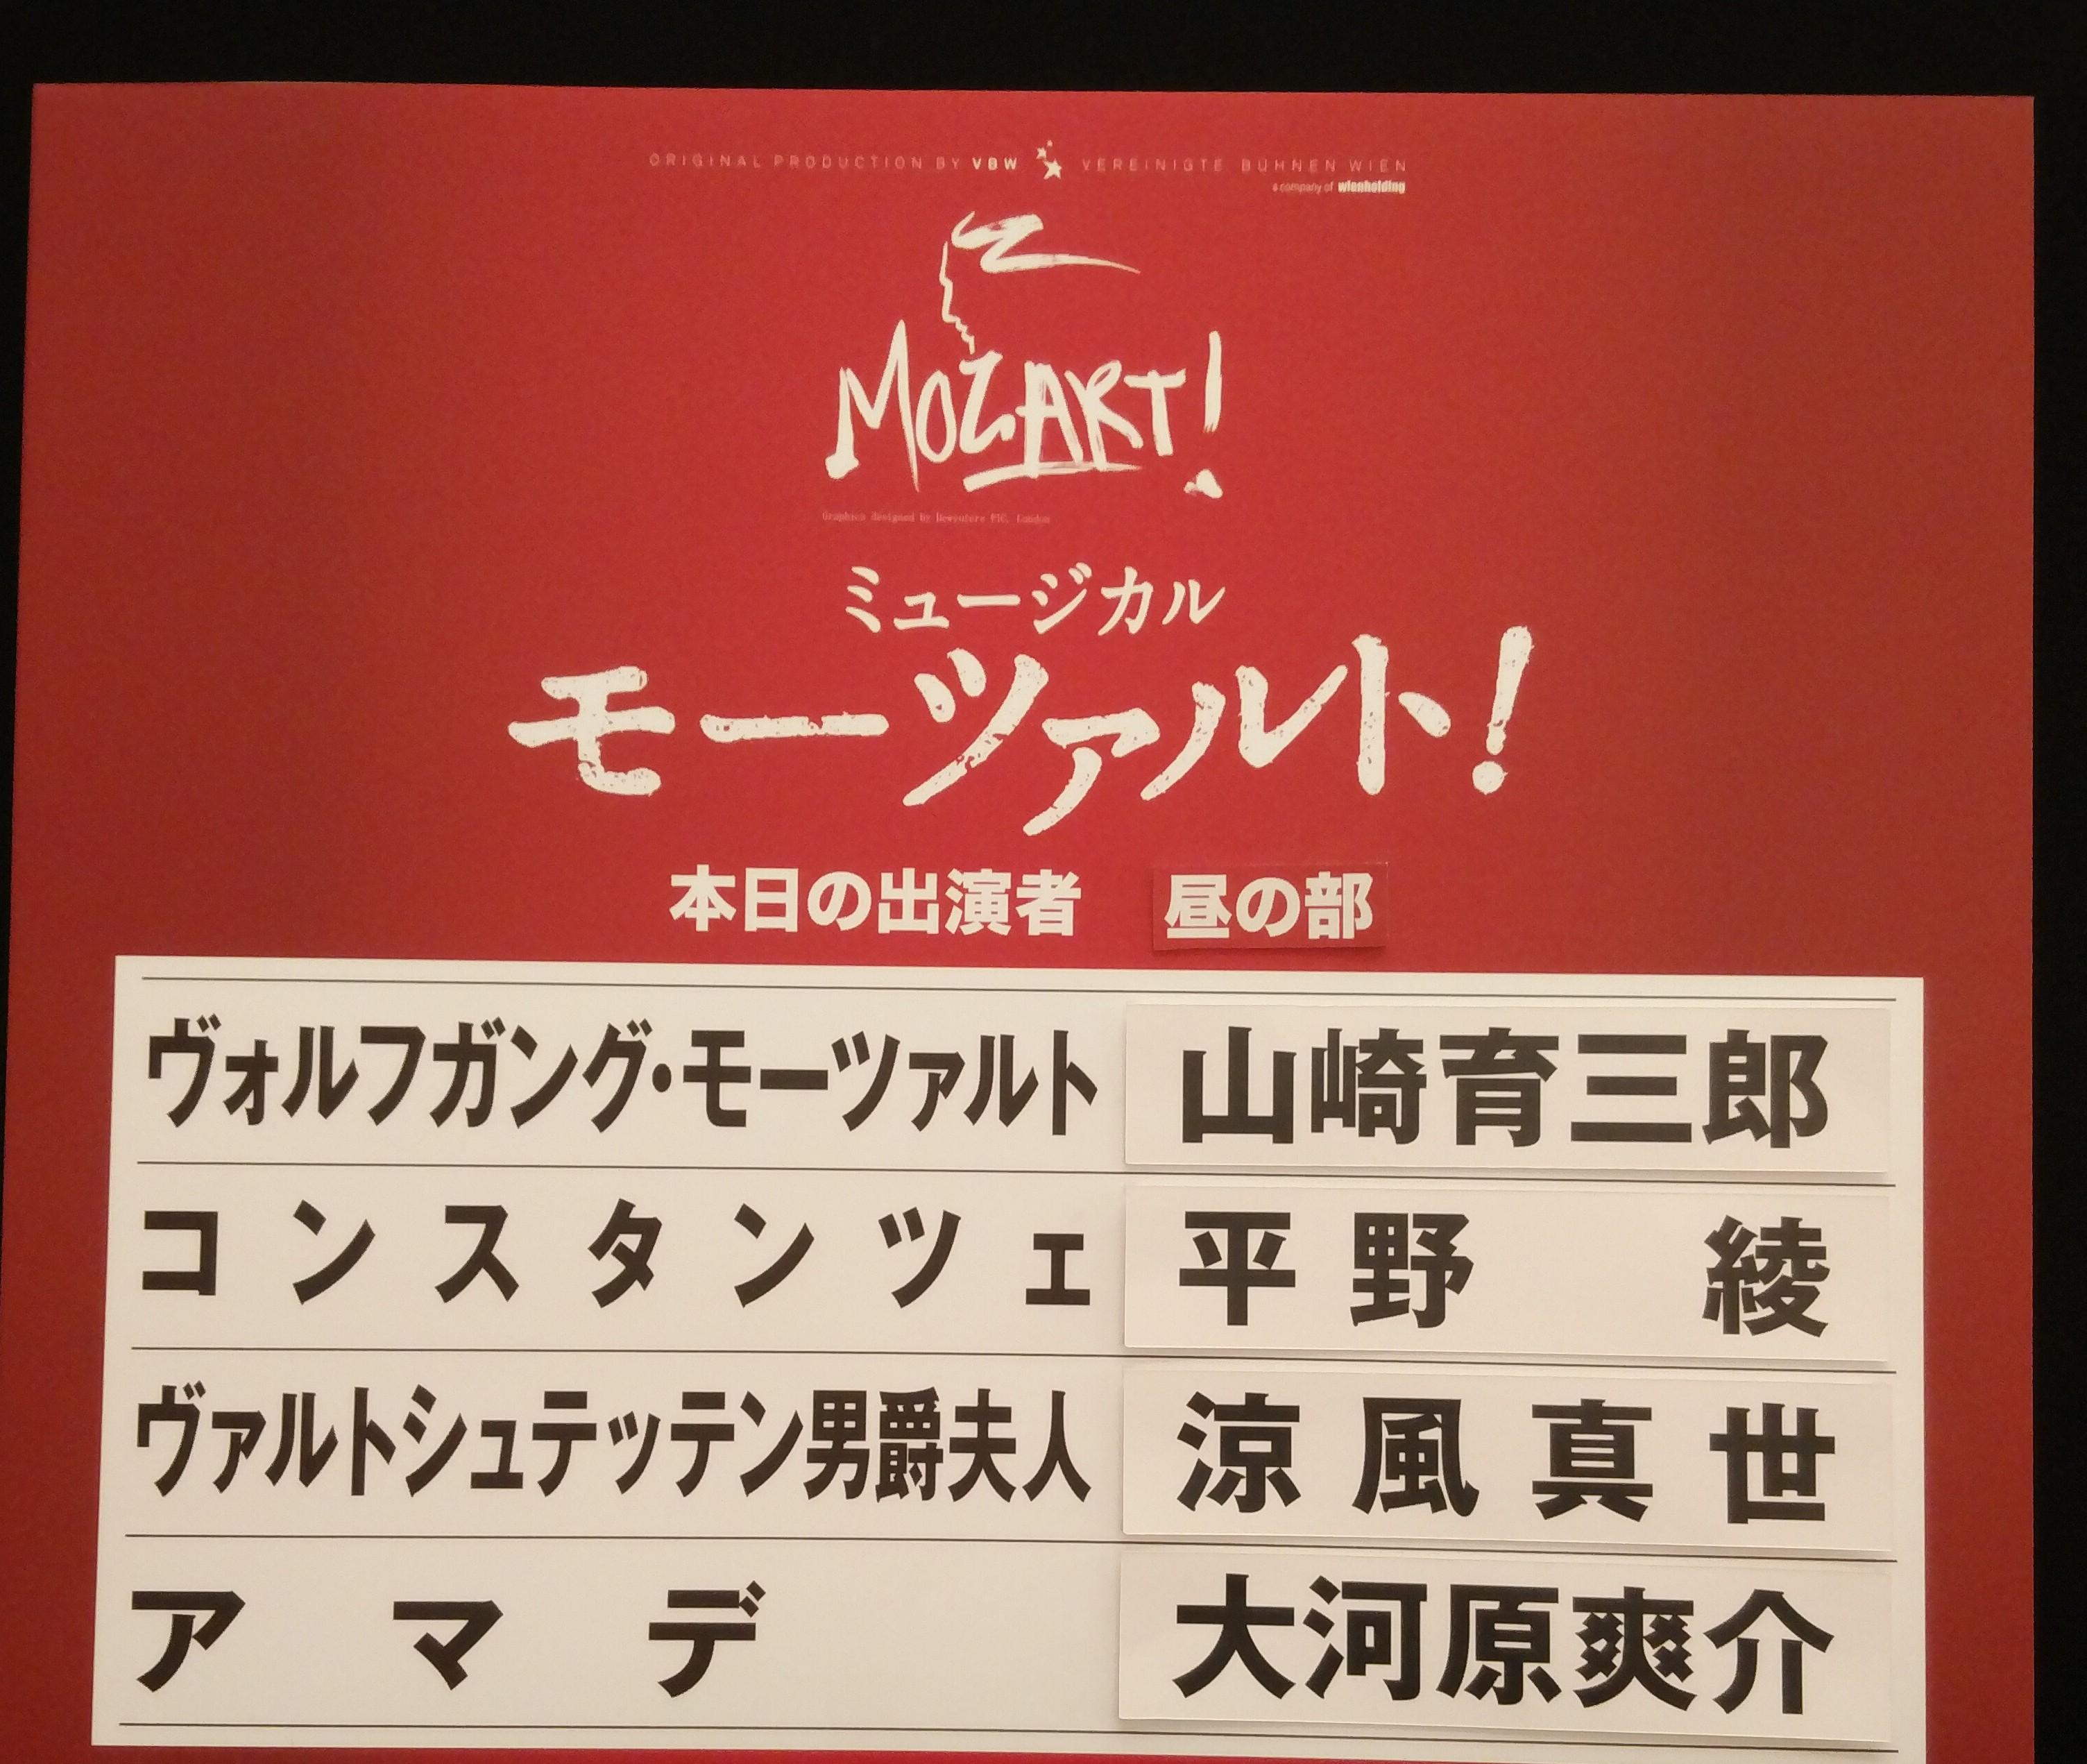 8/19御園座「MOZART!」大千穐楽